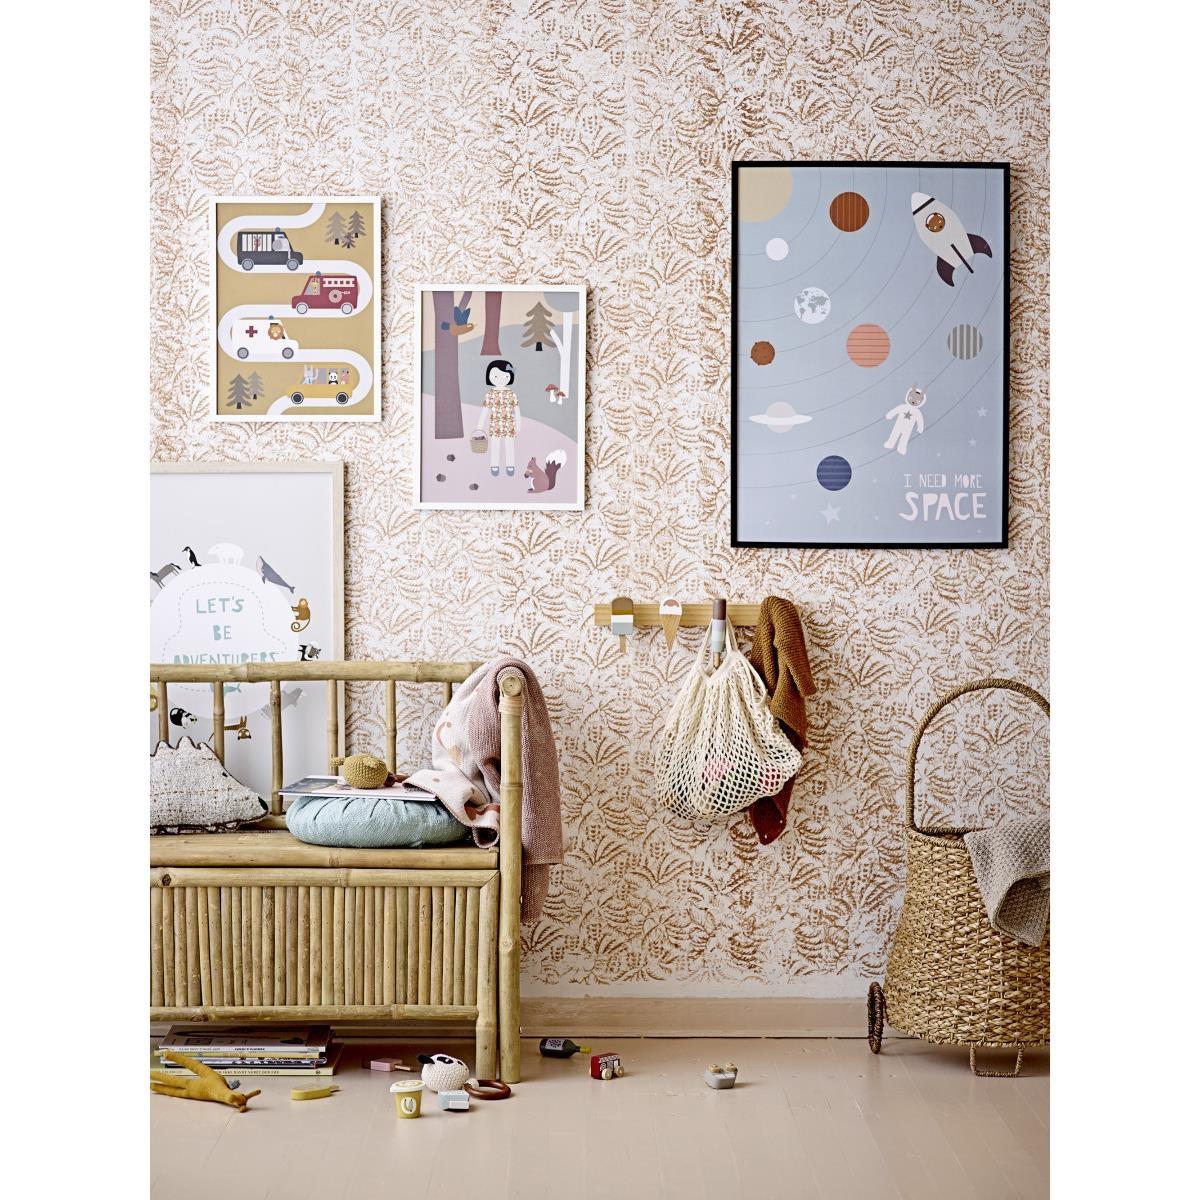 Dřevěný obraz do dětského pokoje 32xV.42 cm_0